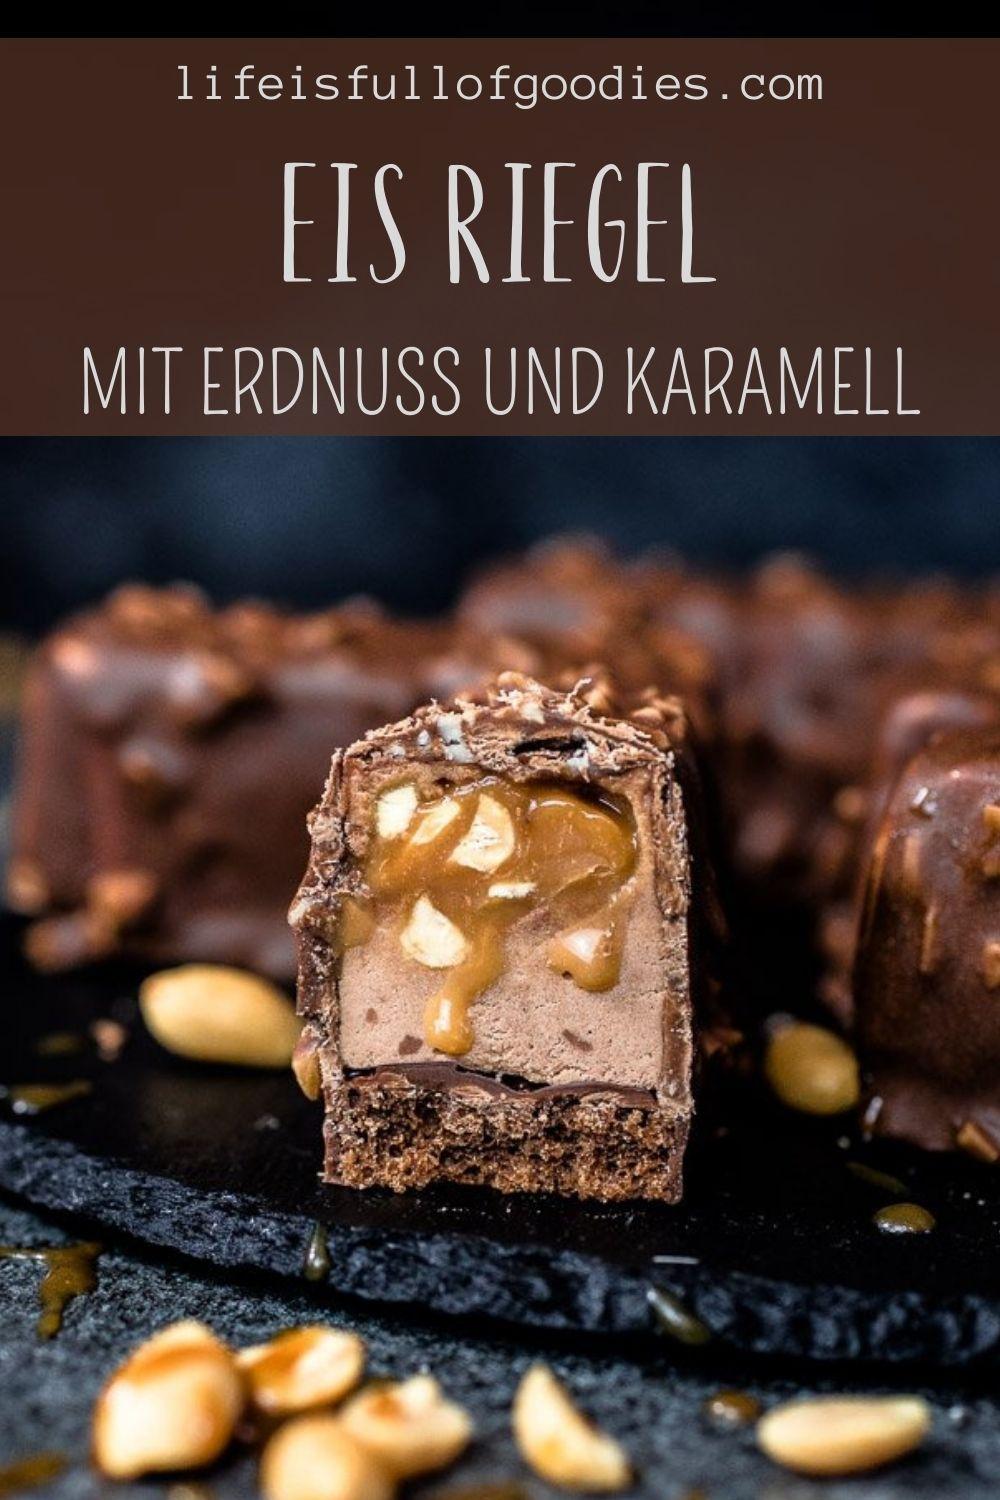 ERDNUSS KARAMELL EIS RIEGEL